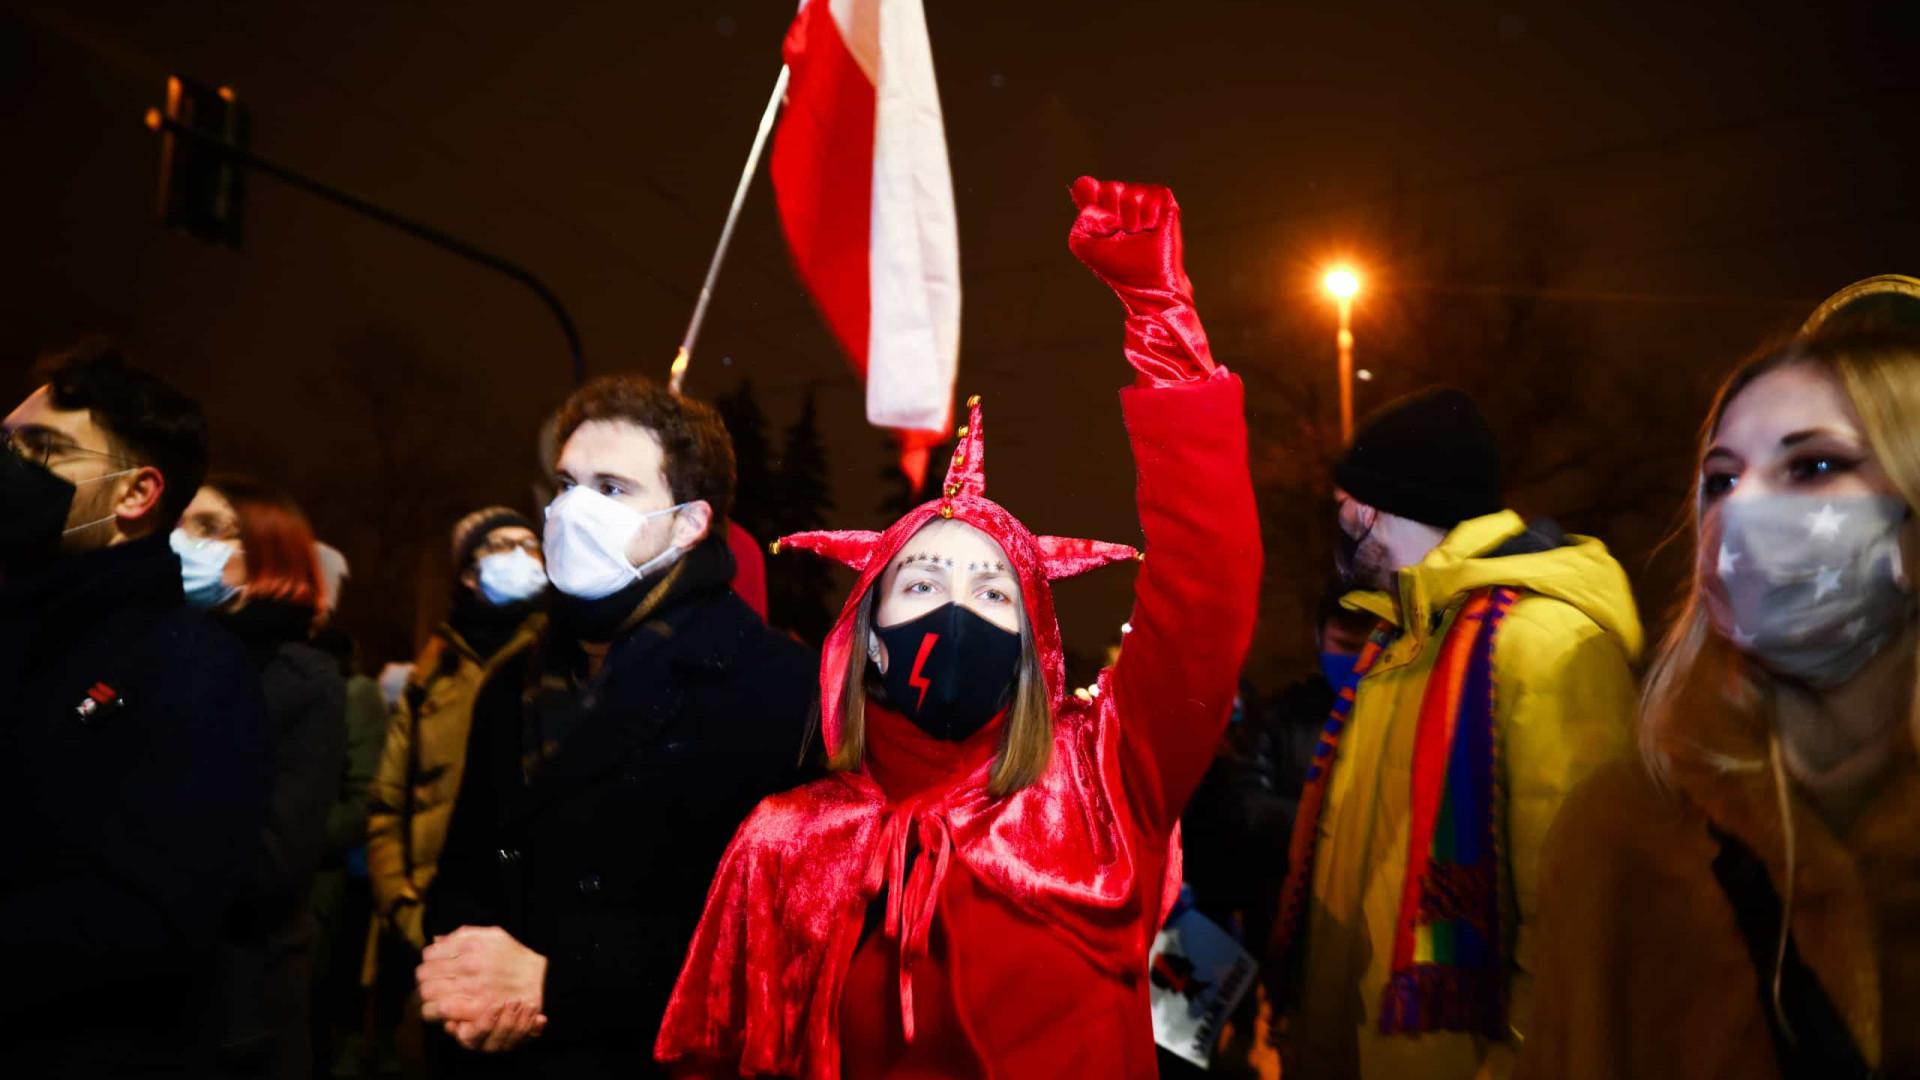 Governo avança em proibição ao aborto e reacende protestos na Polônia